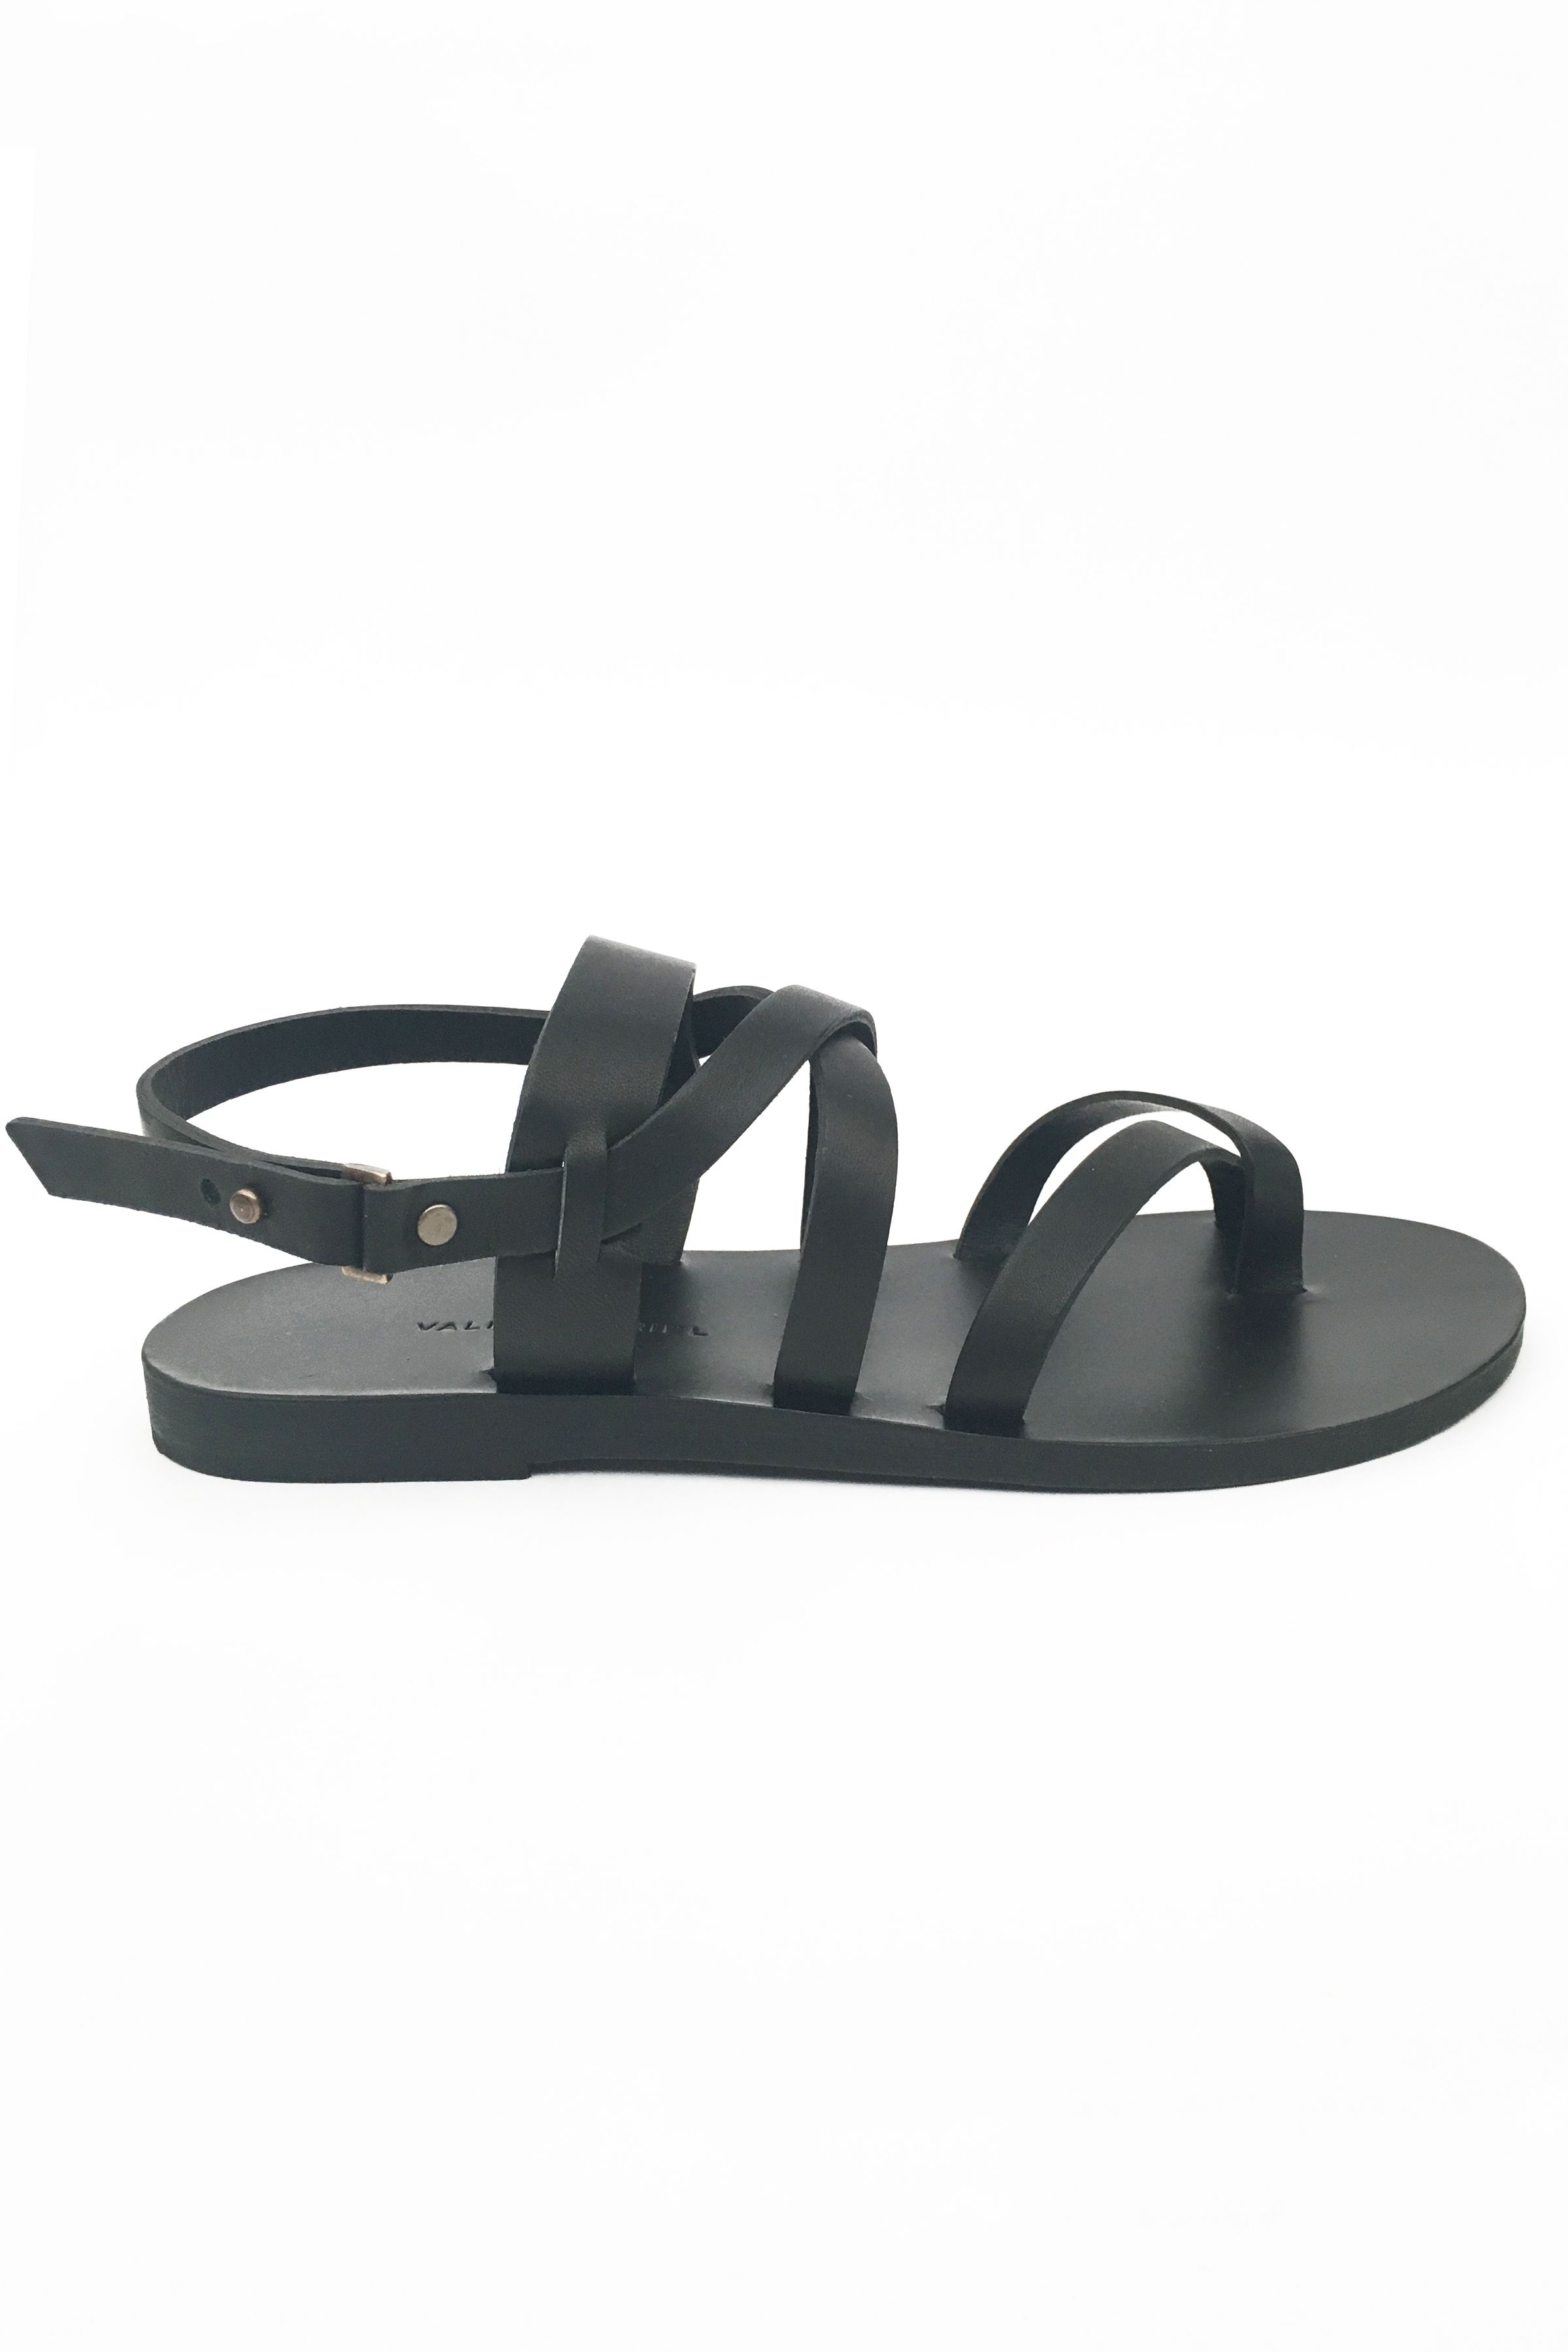 USS Juneau - Flip Flops Funny Thong Sandals Beach Sandals